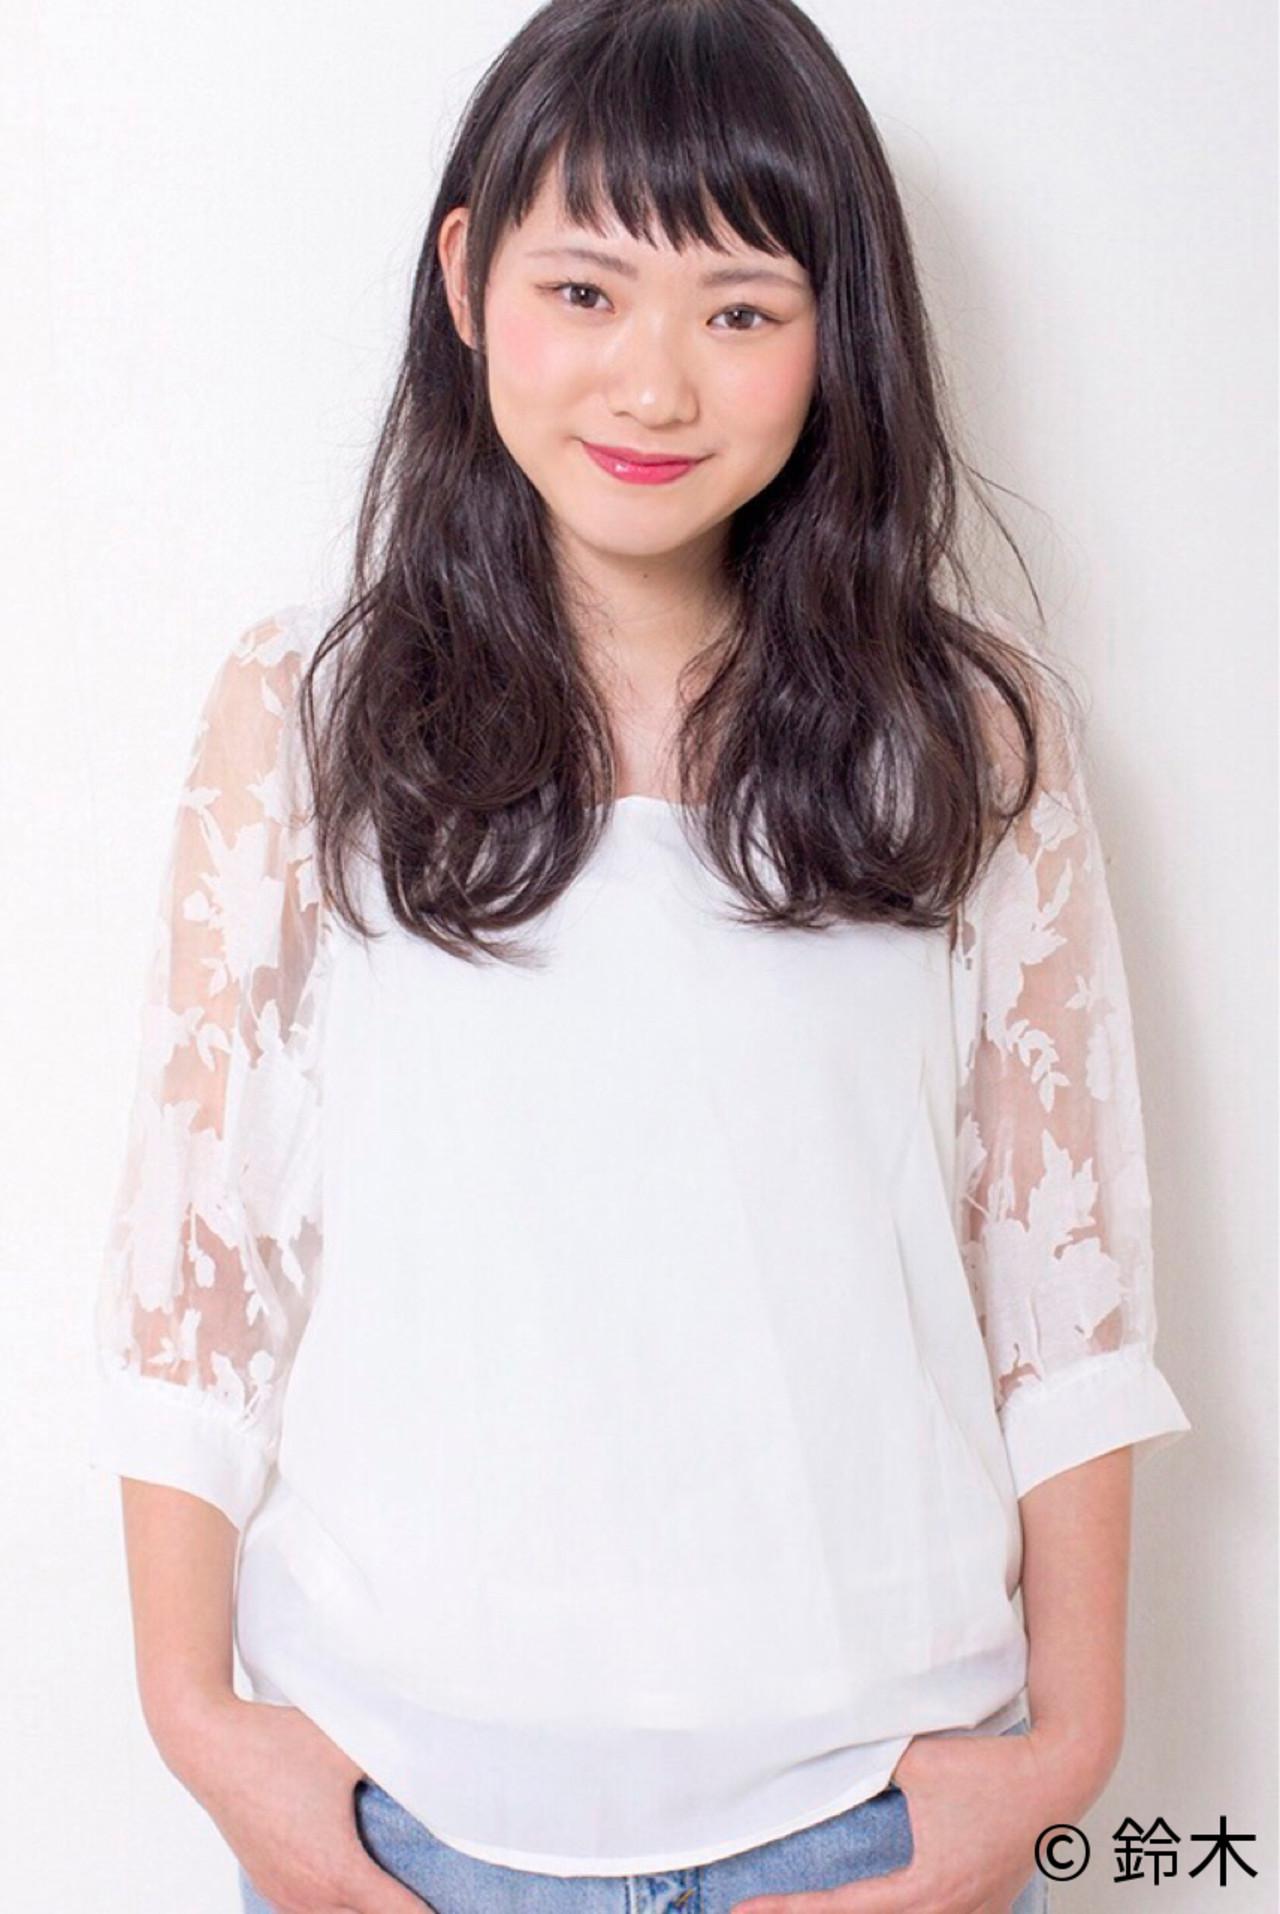 パーマ 黒髪 ナチュラル ロング ヘアスタイルや髪型の写真・画像 | 鈴木 / BASIL